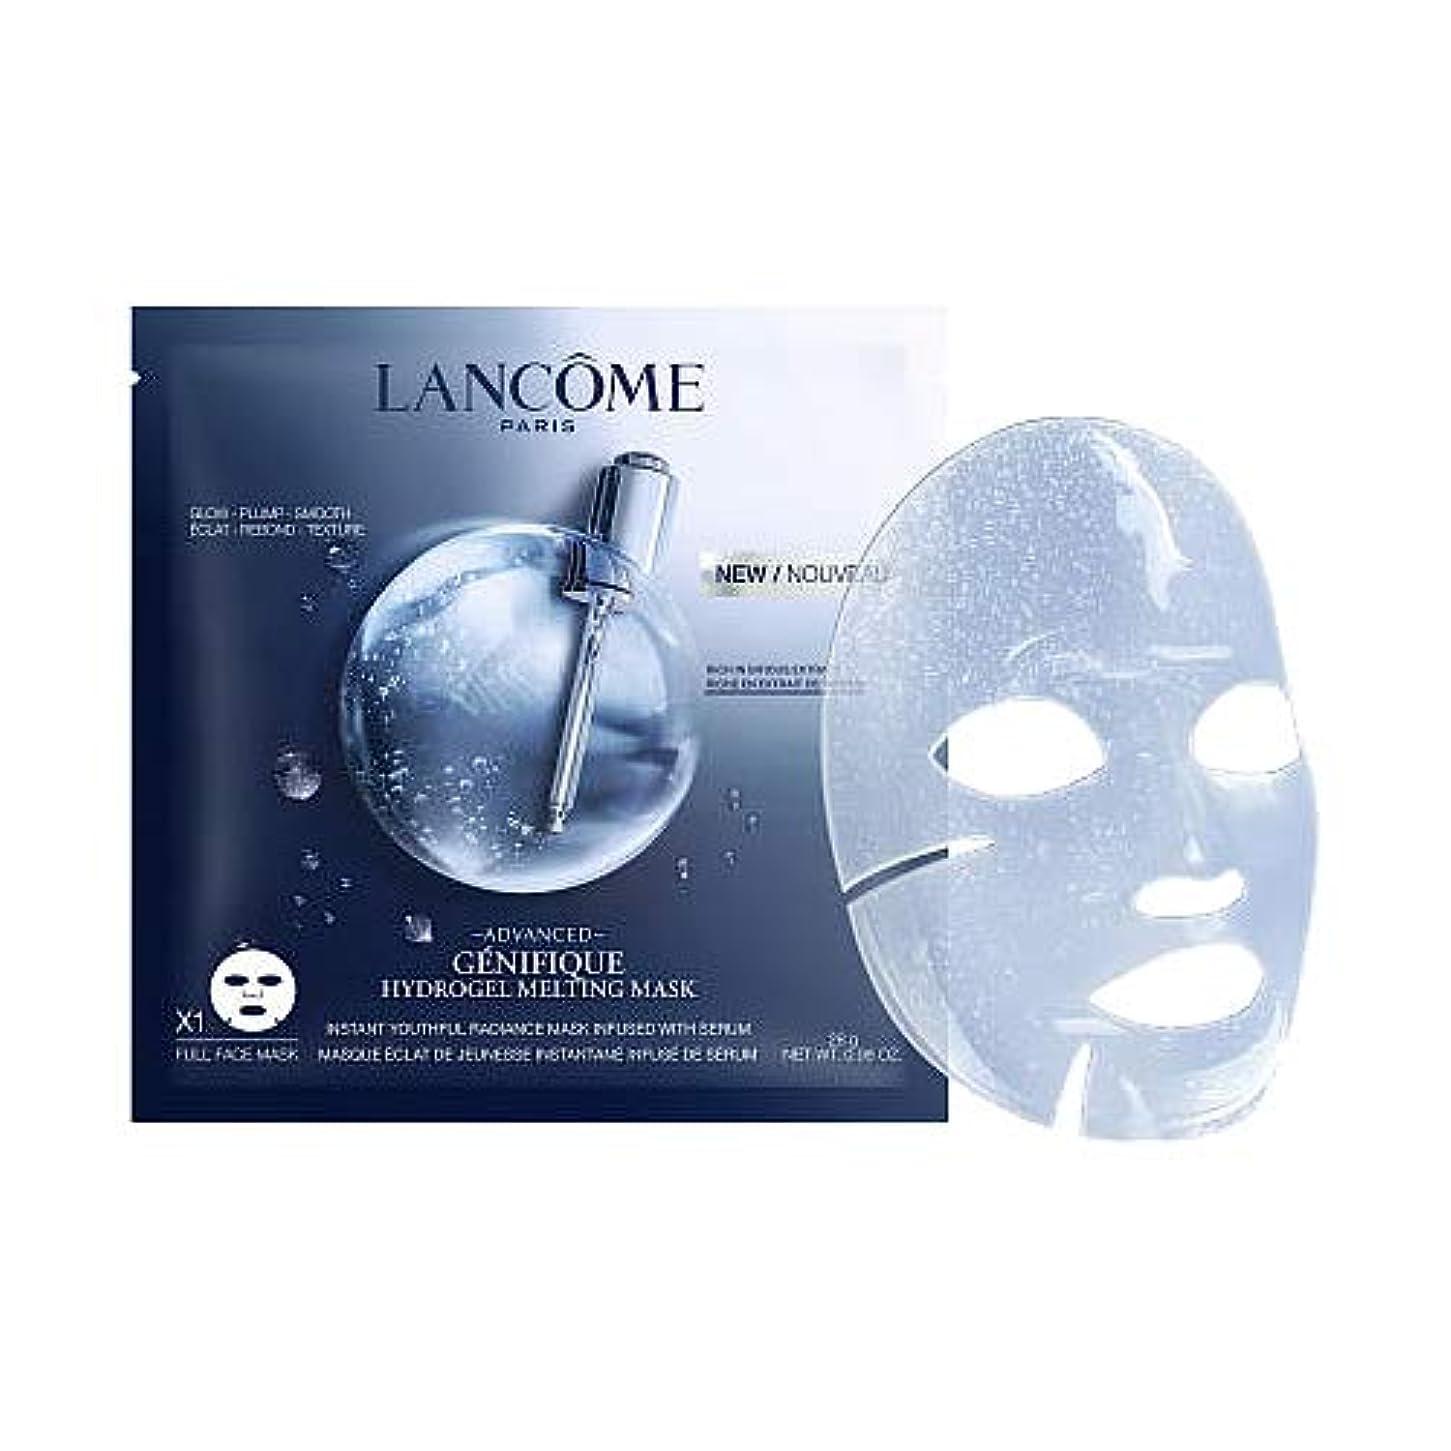 ツール番目スクラブランコム LANCOME ジェニフィック アドバンスト ハイドロジェル メルティングマスク 1枚x28g [並行輸入品]